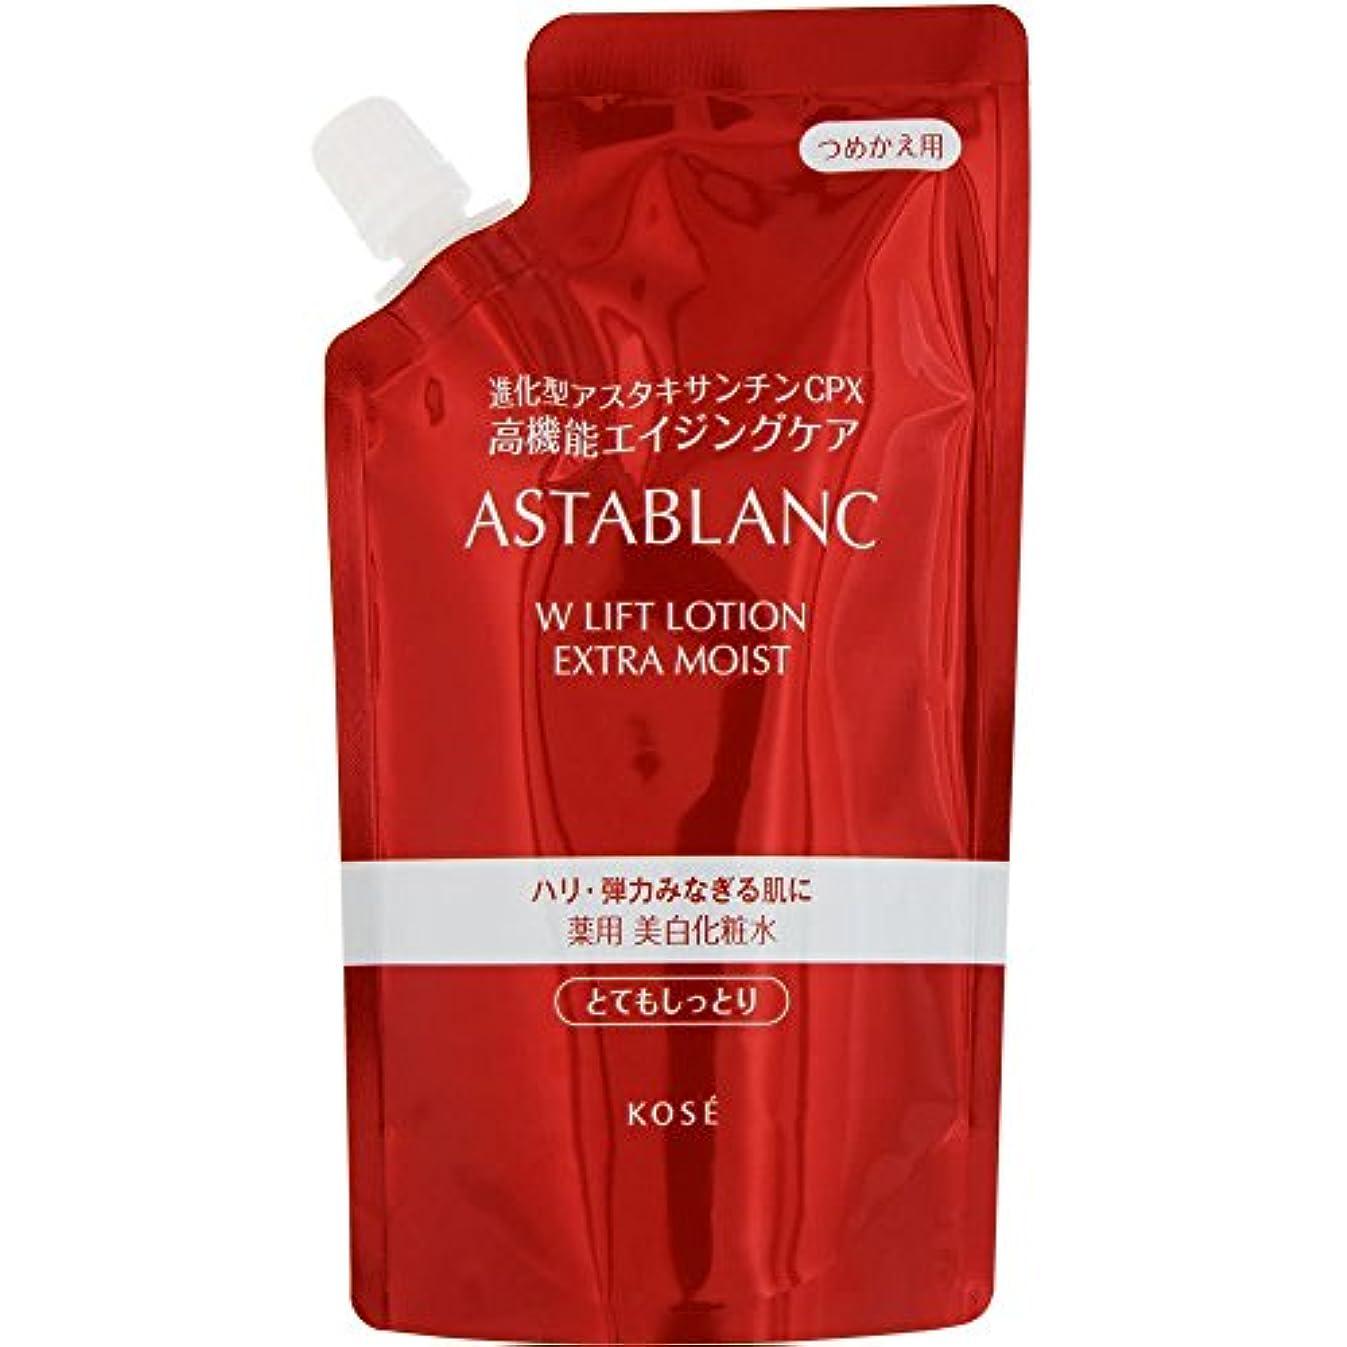 意志に反する仮装に対処するASTABLANC(アスタブラン) アスタブラン Wリフト ローション とてもしっとり 化粧水 詰替え用 130mL